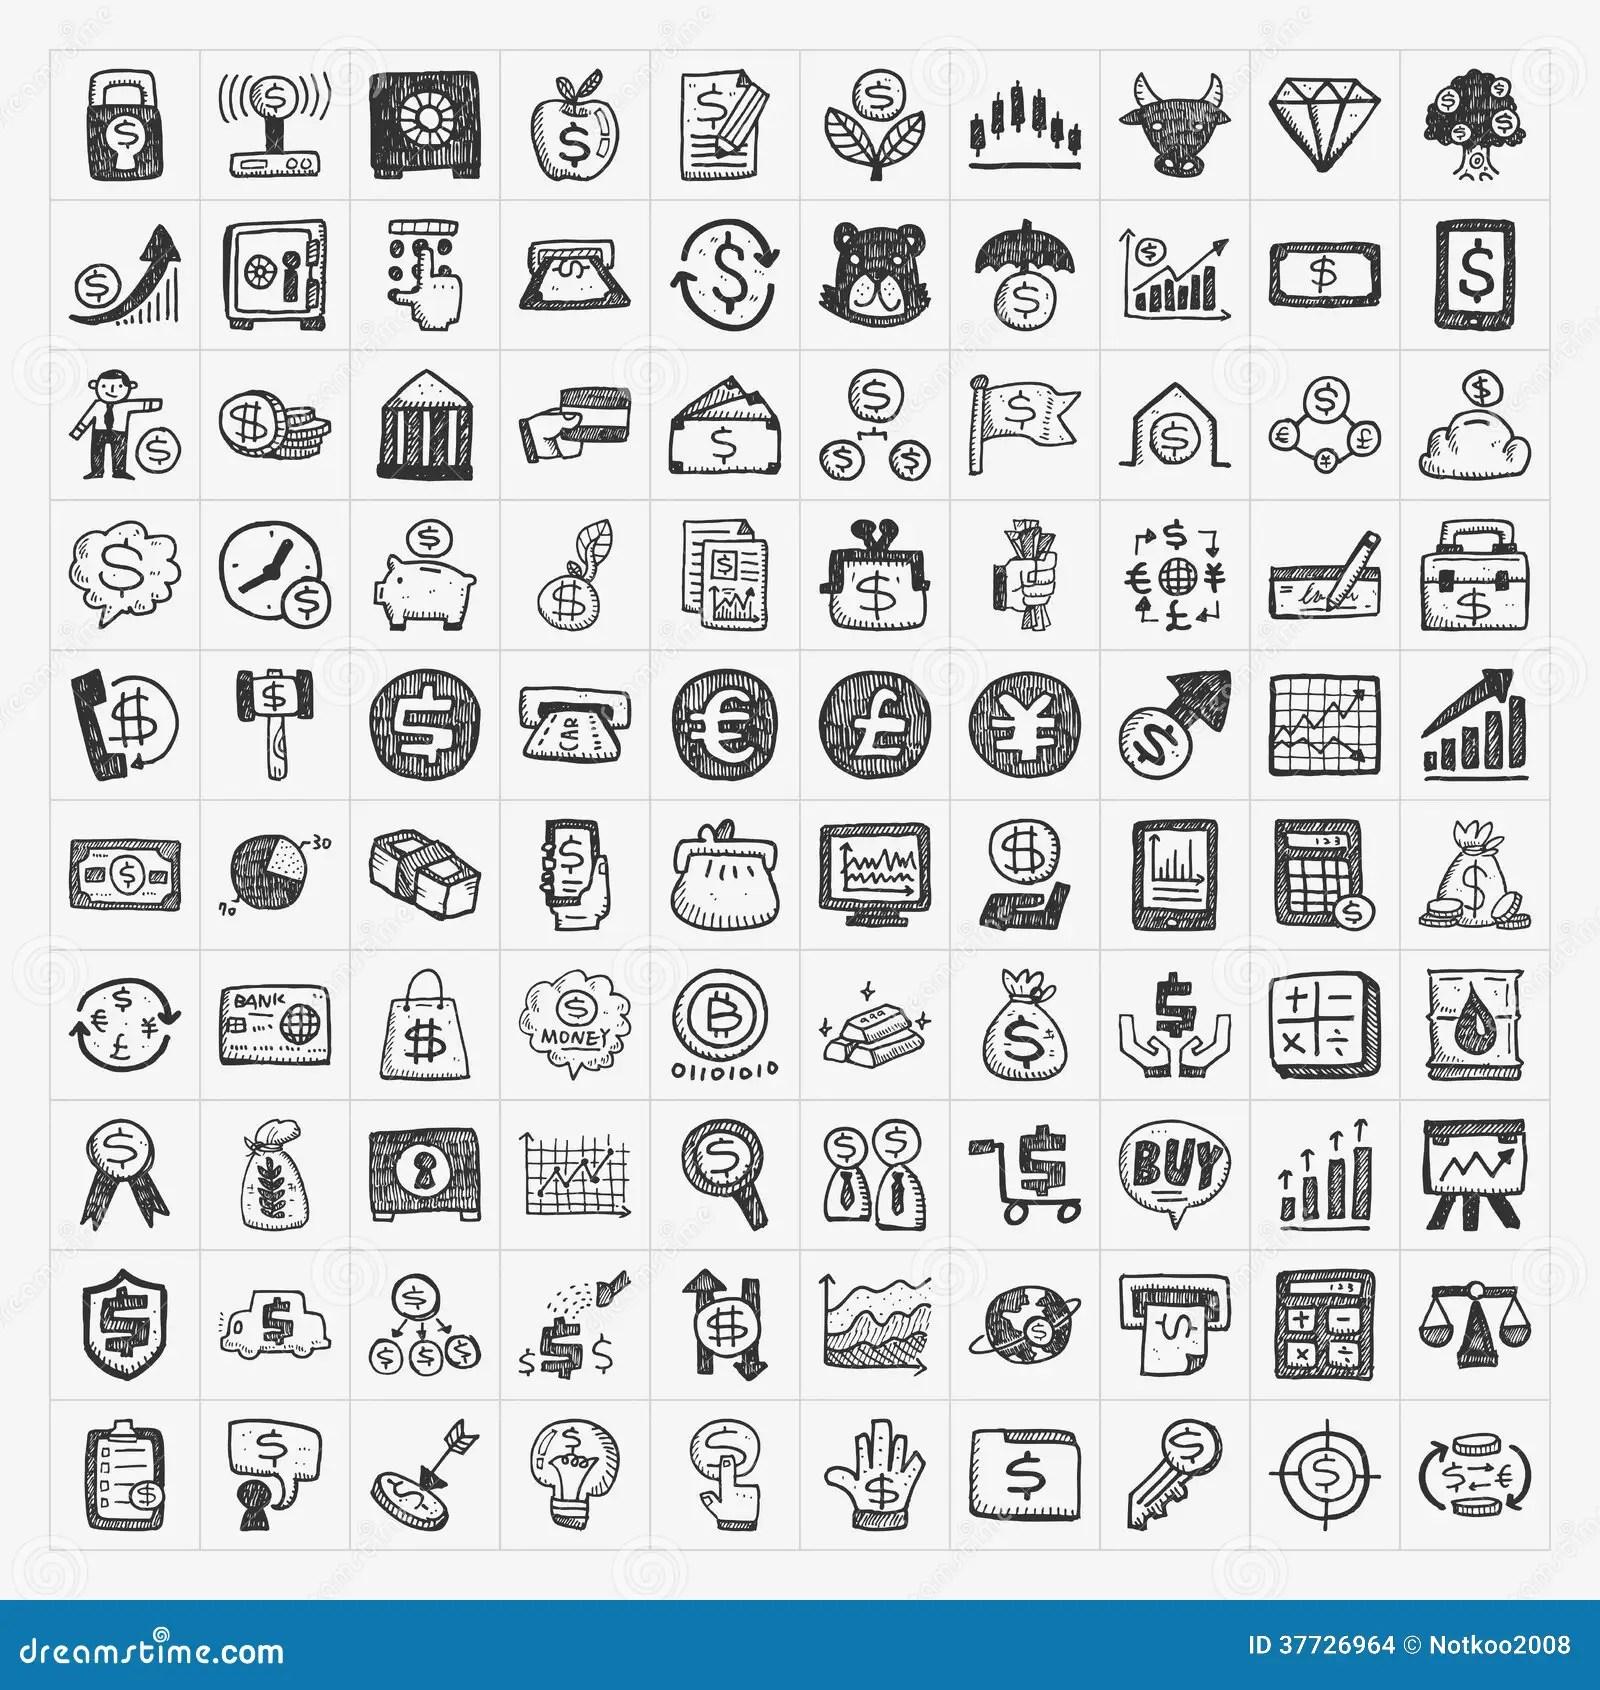 Finansiella Symboler For Klotter Vektor Illustrationer